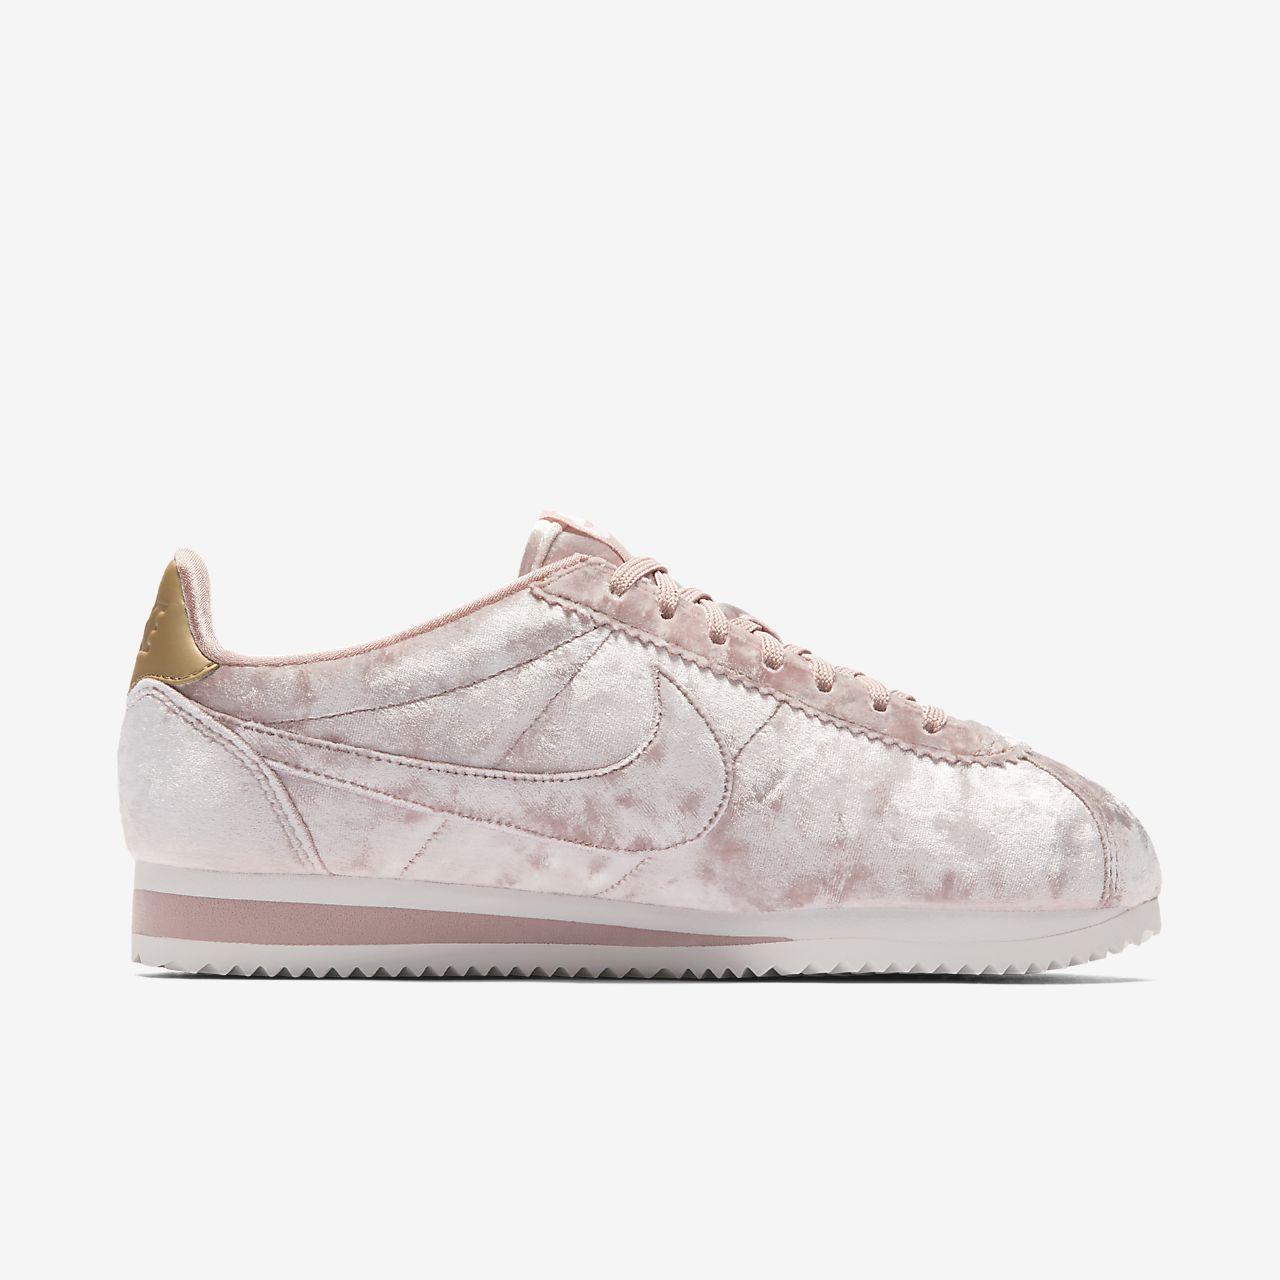 ... Chaussure Nike Classic Cortez Velvet pour Femme